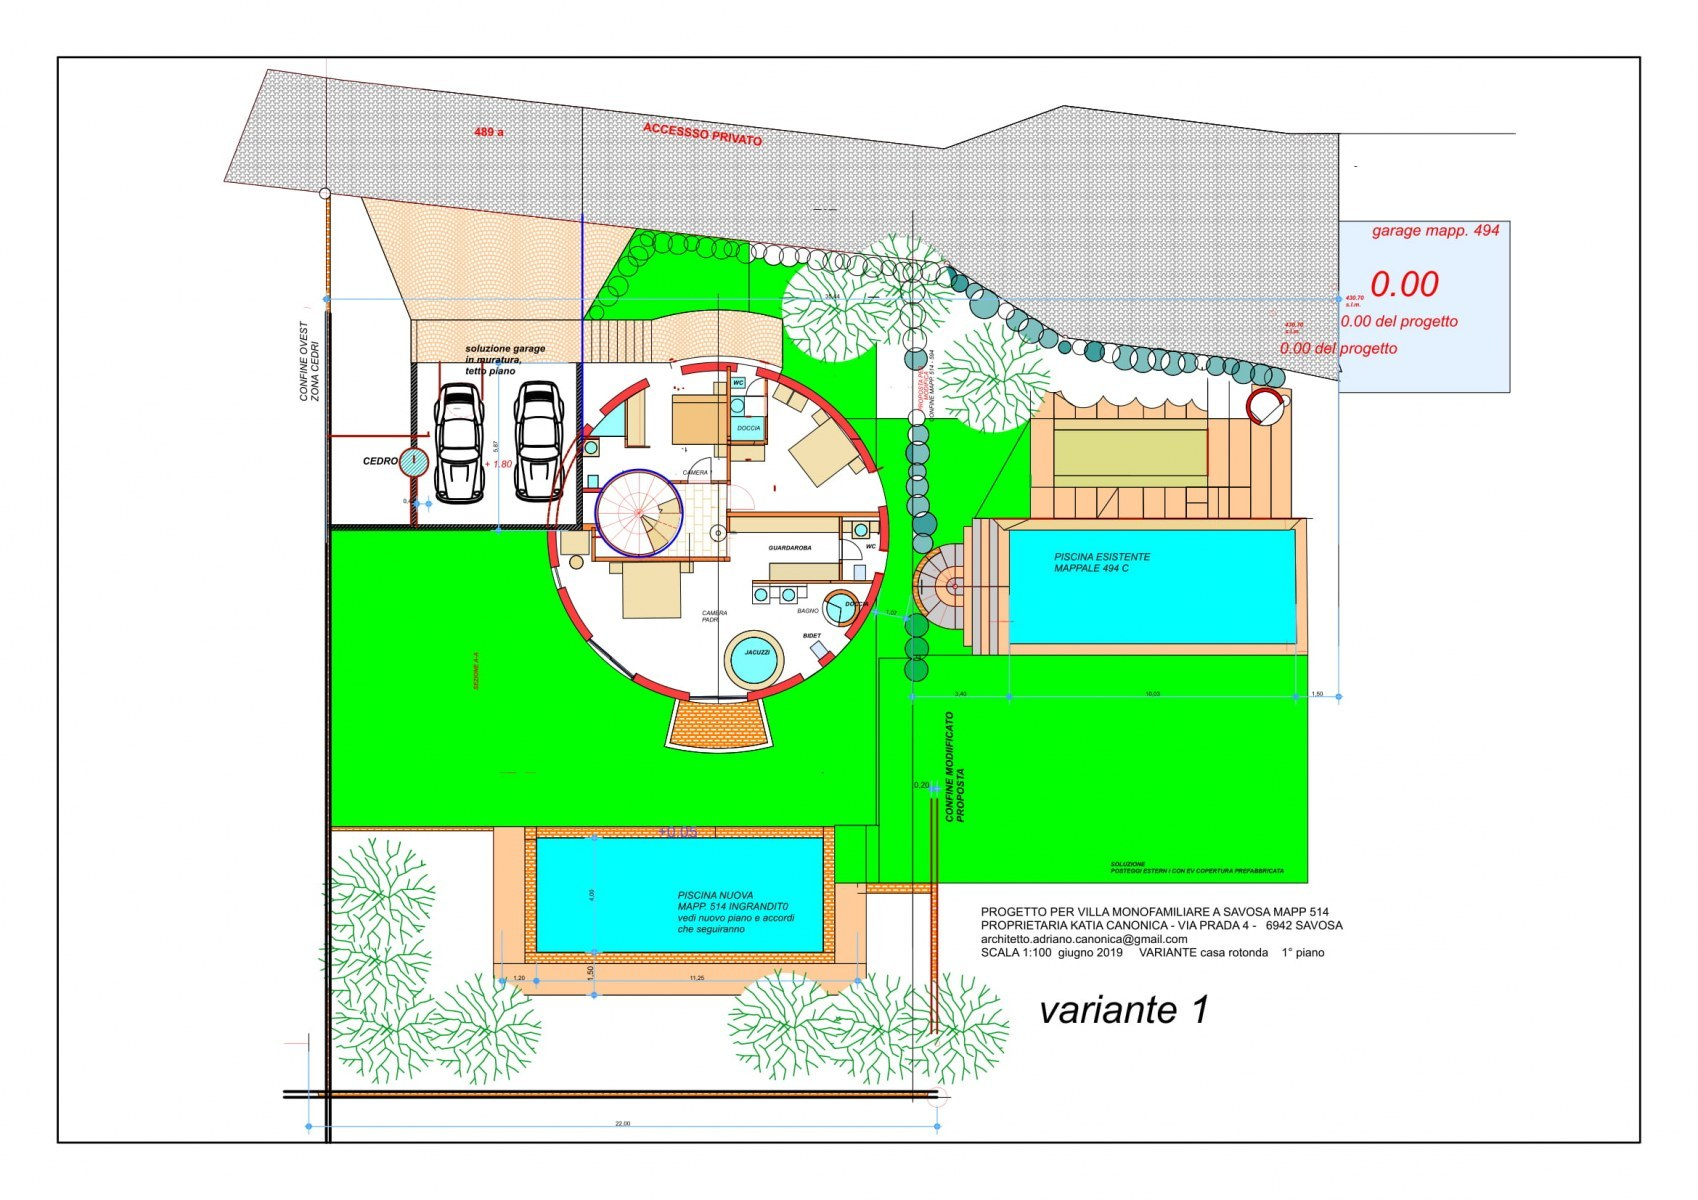 casa-rotonda-piano-di-situazione-1-200-p1-1